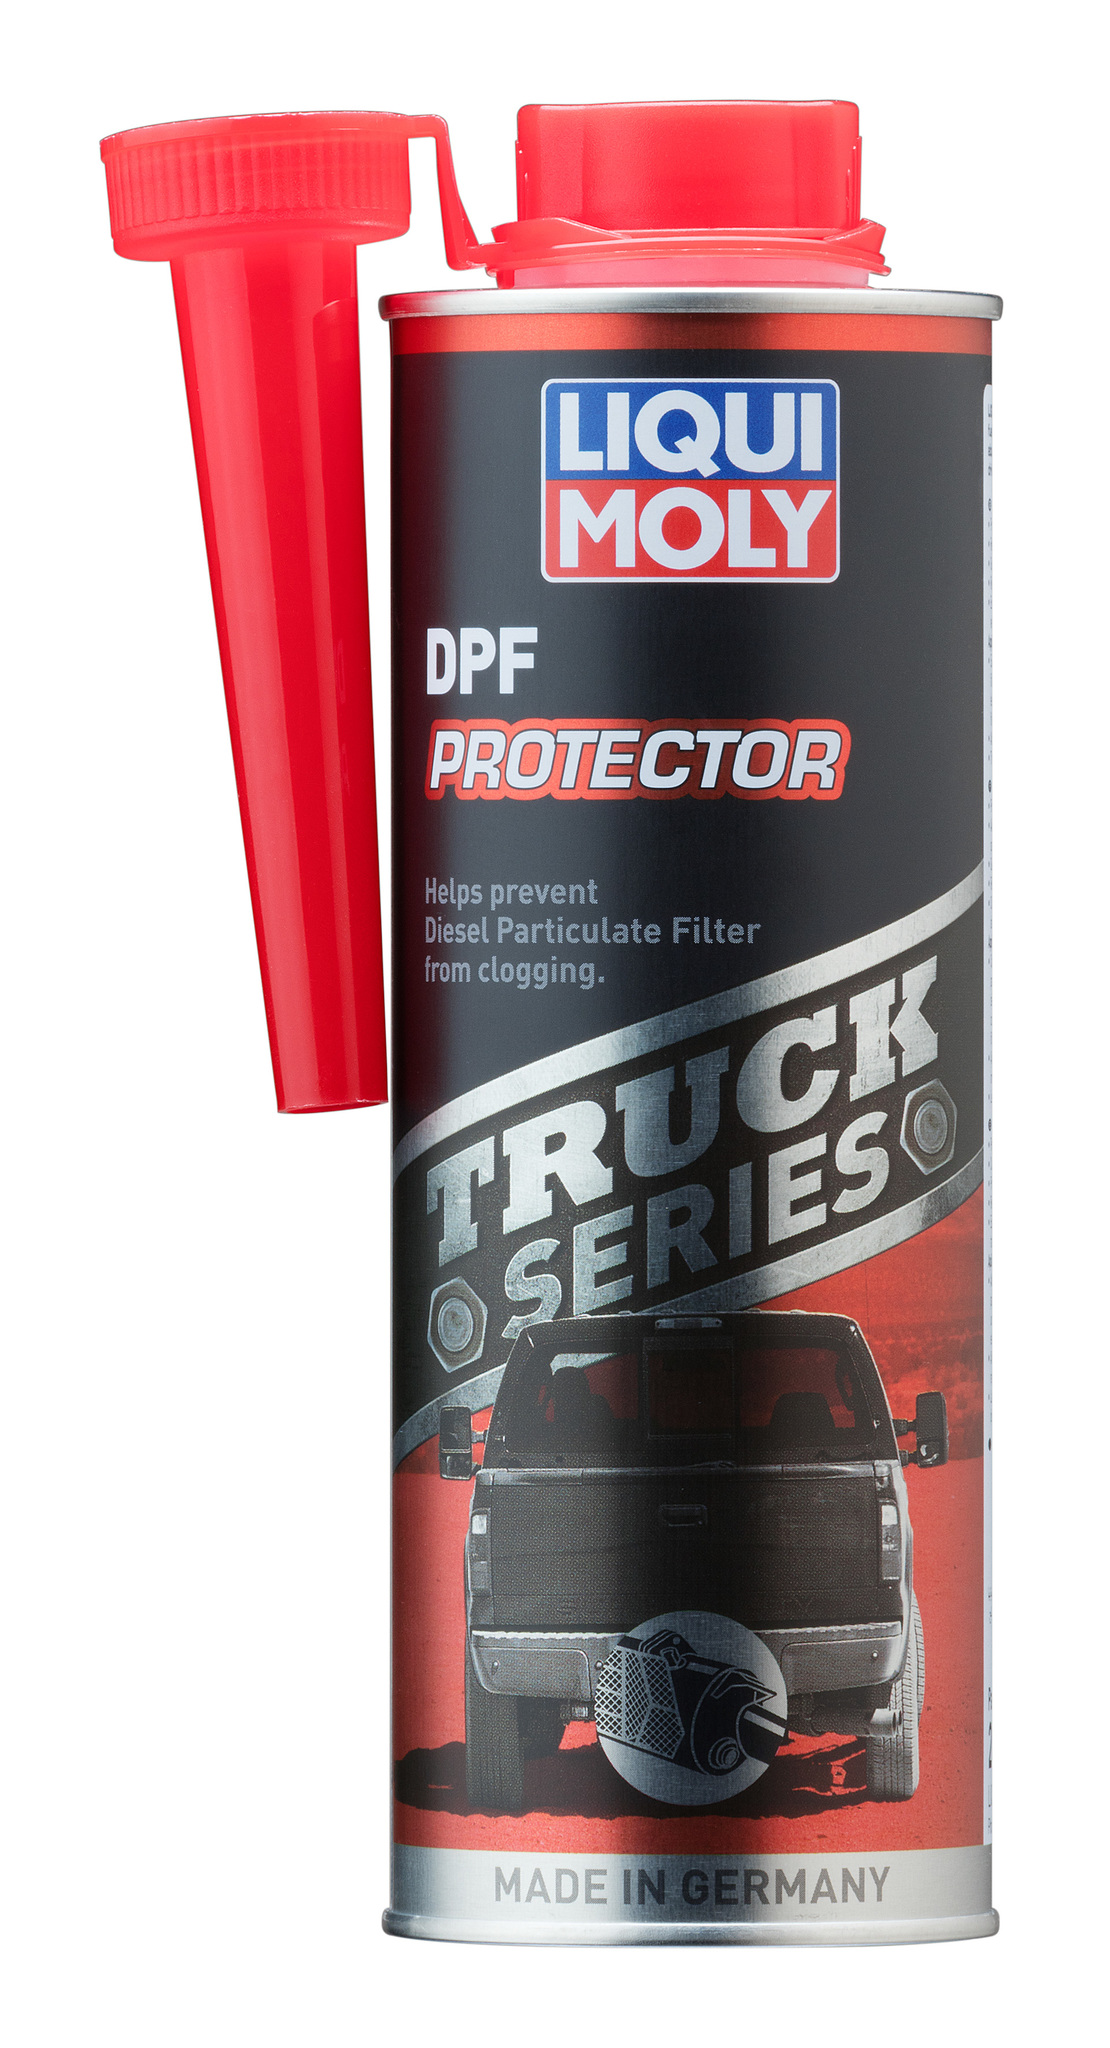 Liqui Moly Truck Series DPF Protector Присадка для сажевого фильтра пикапов